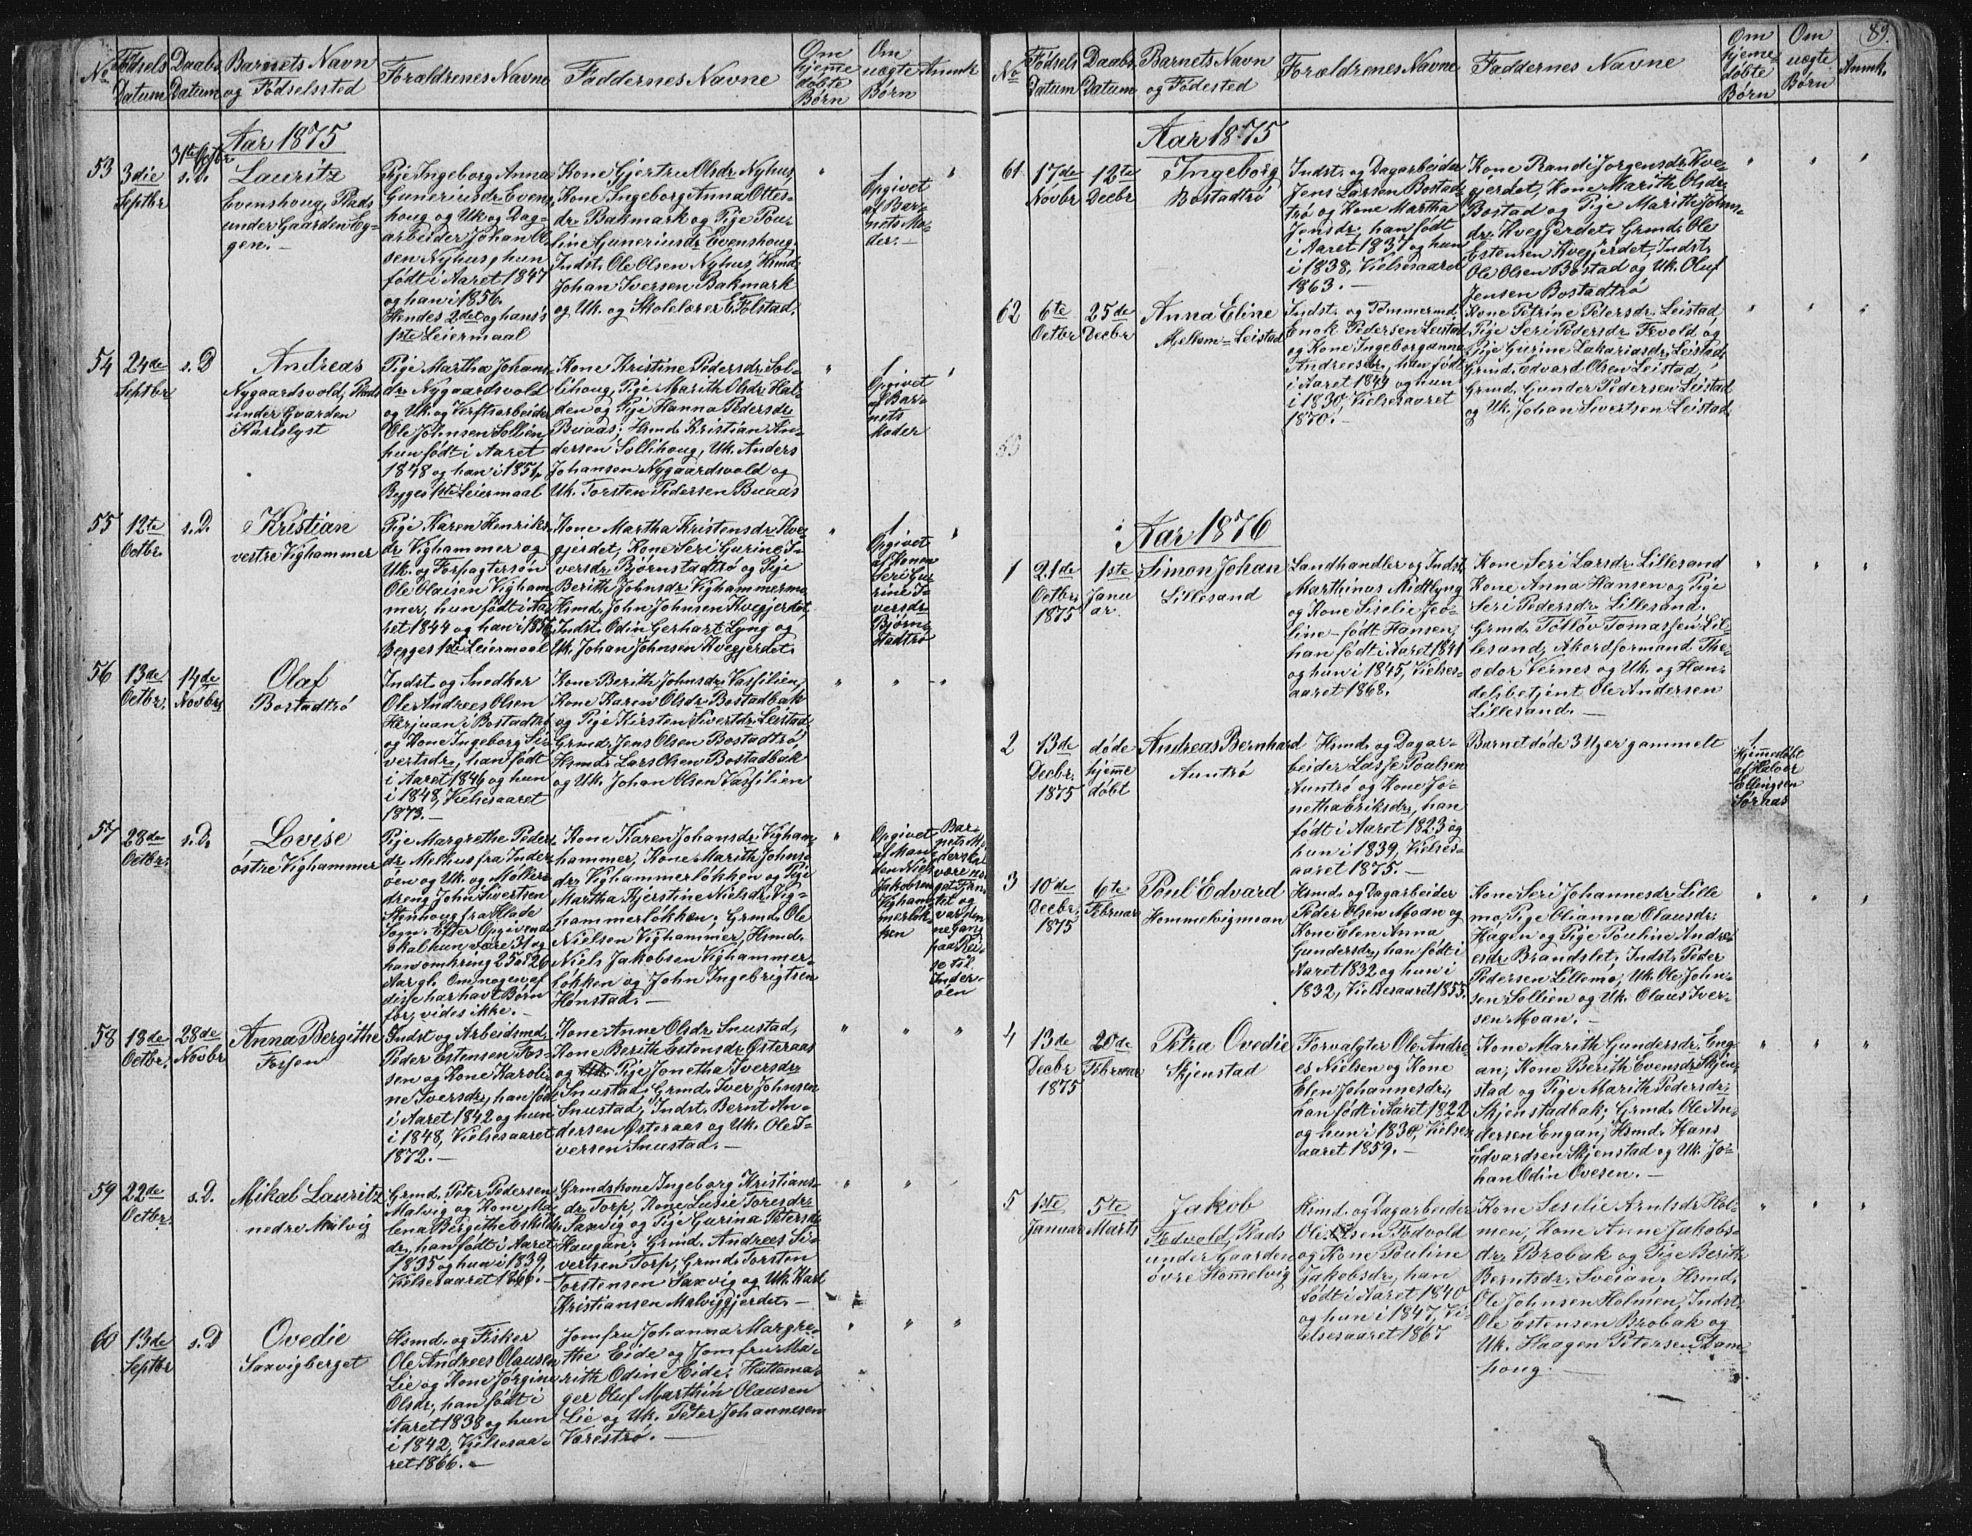 SAT, Ministerialprotokoller, klokkerbøker og fødselsregistre - Sør-Trøndelag, 616/L0406: Ministerialbok nr. 616A03, 1843-1879, s. 89